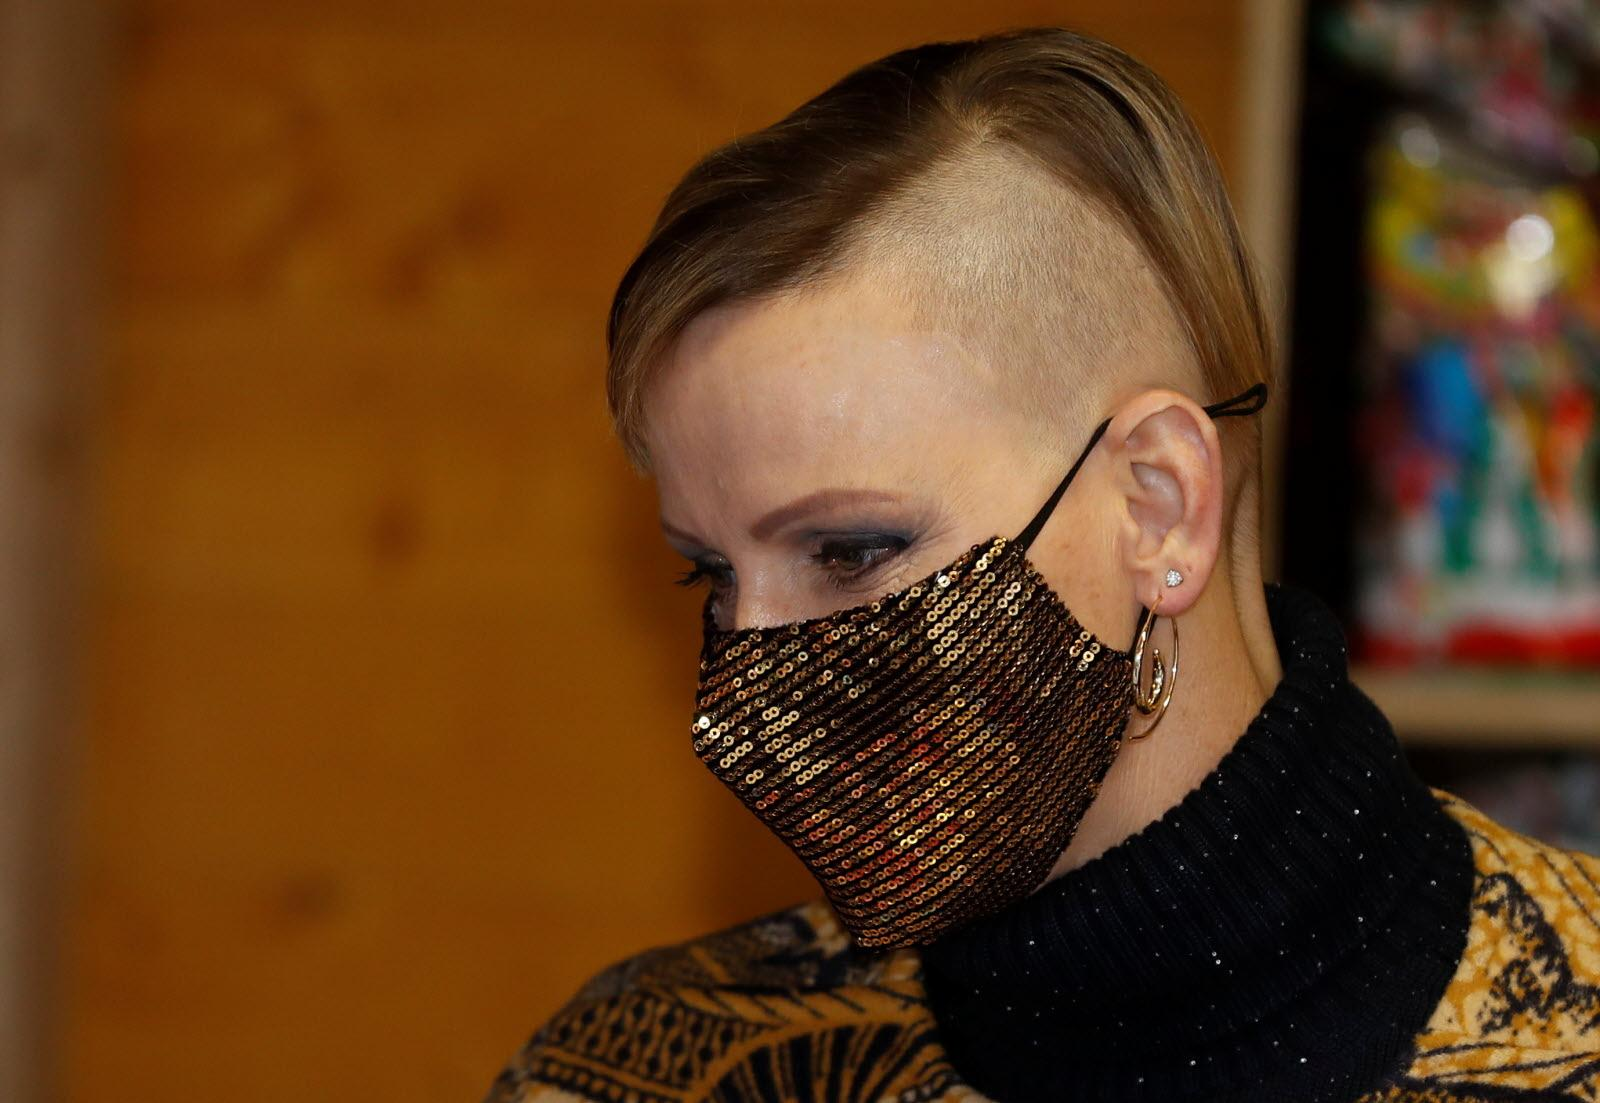 La coupe de cheveux qui a fait polémique